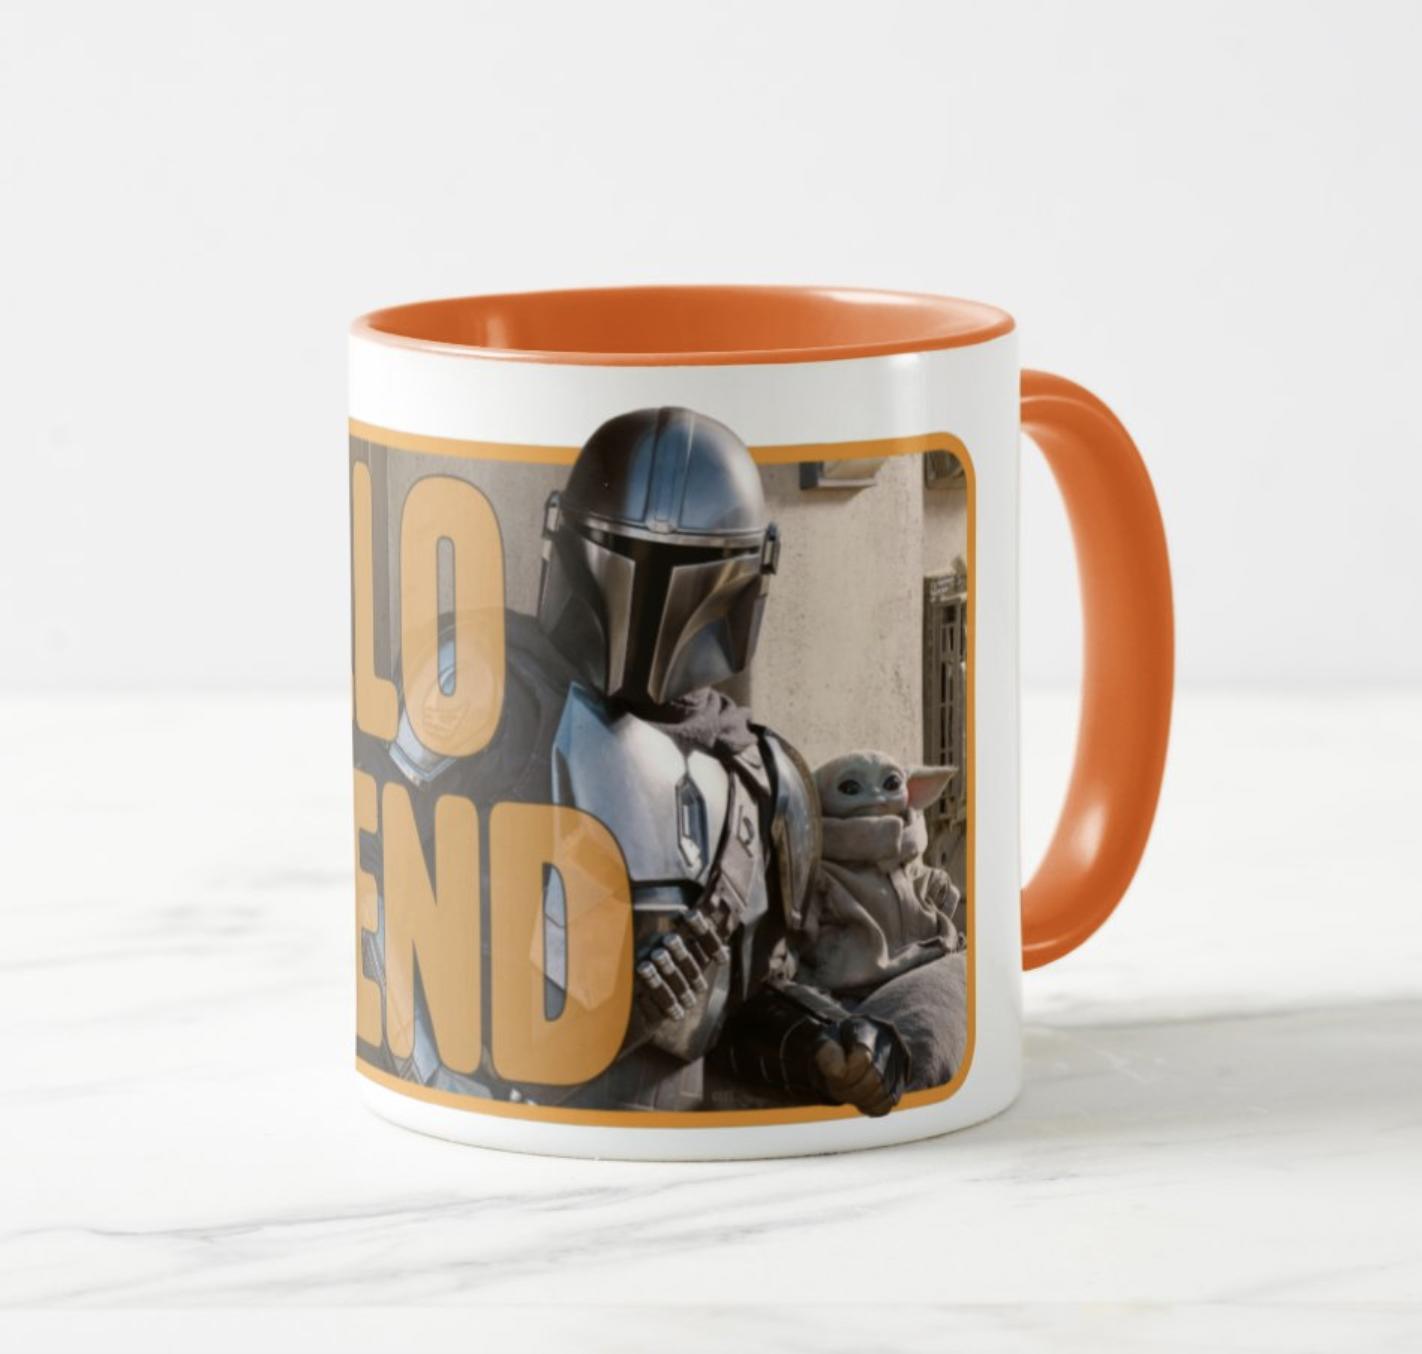 star wars mandalorian merch mug